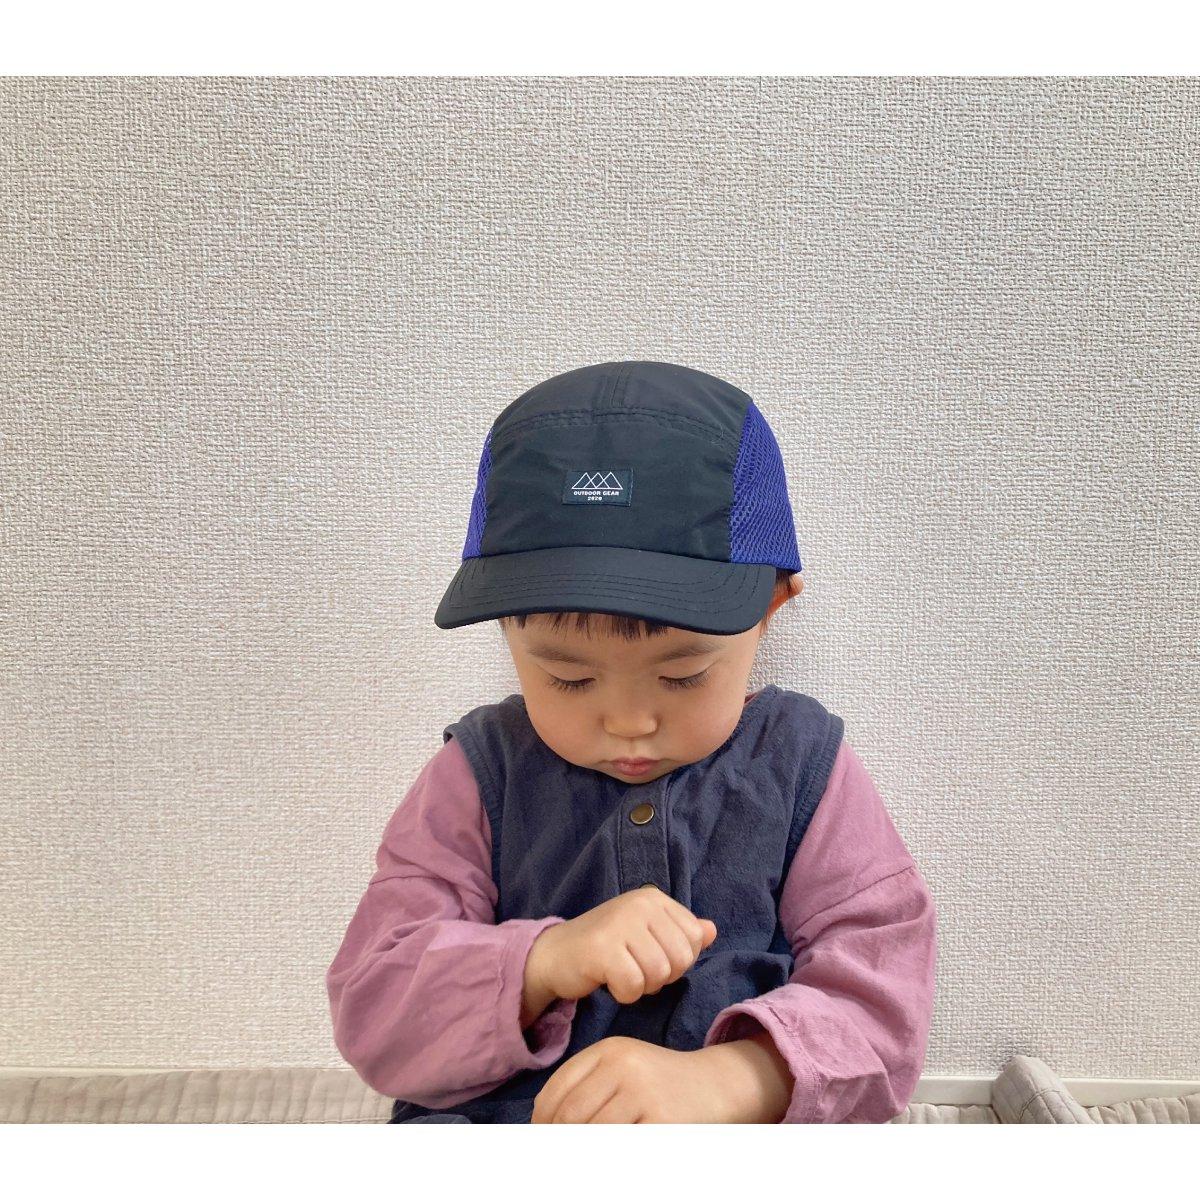 【KIDS】Kids Gear Jet Cap 詳細画像8